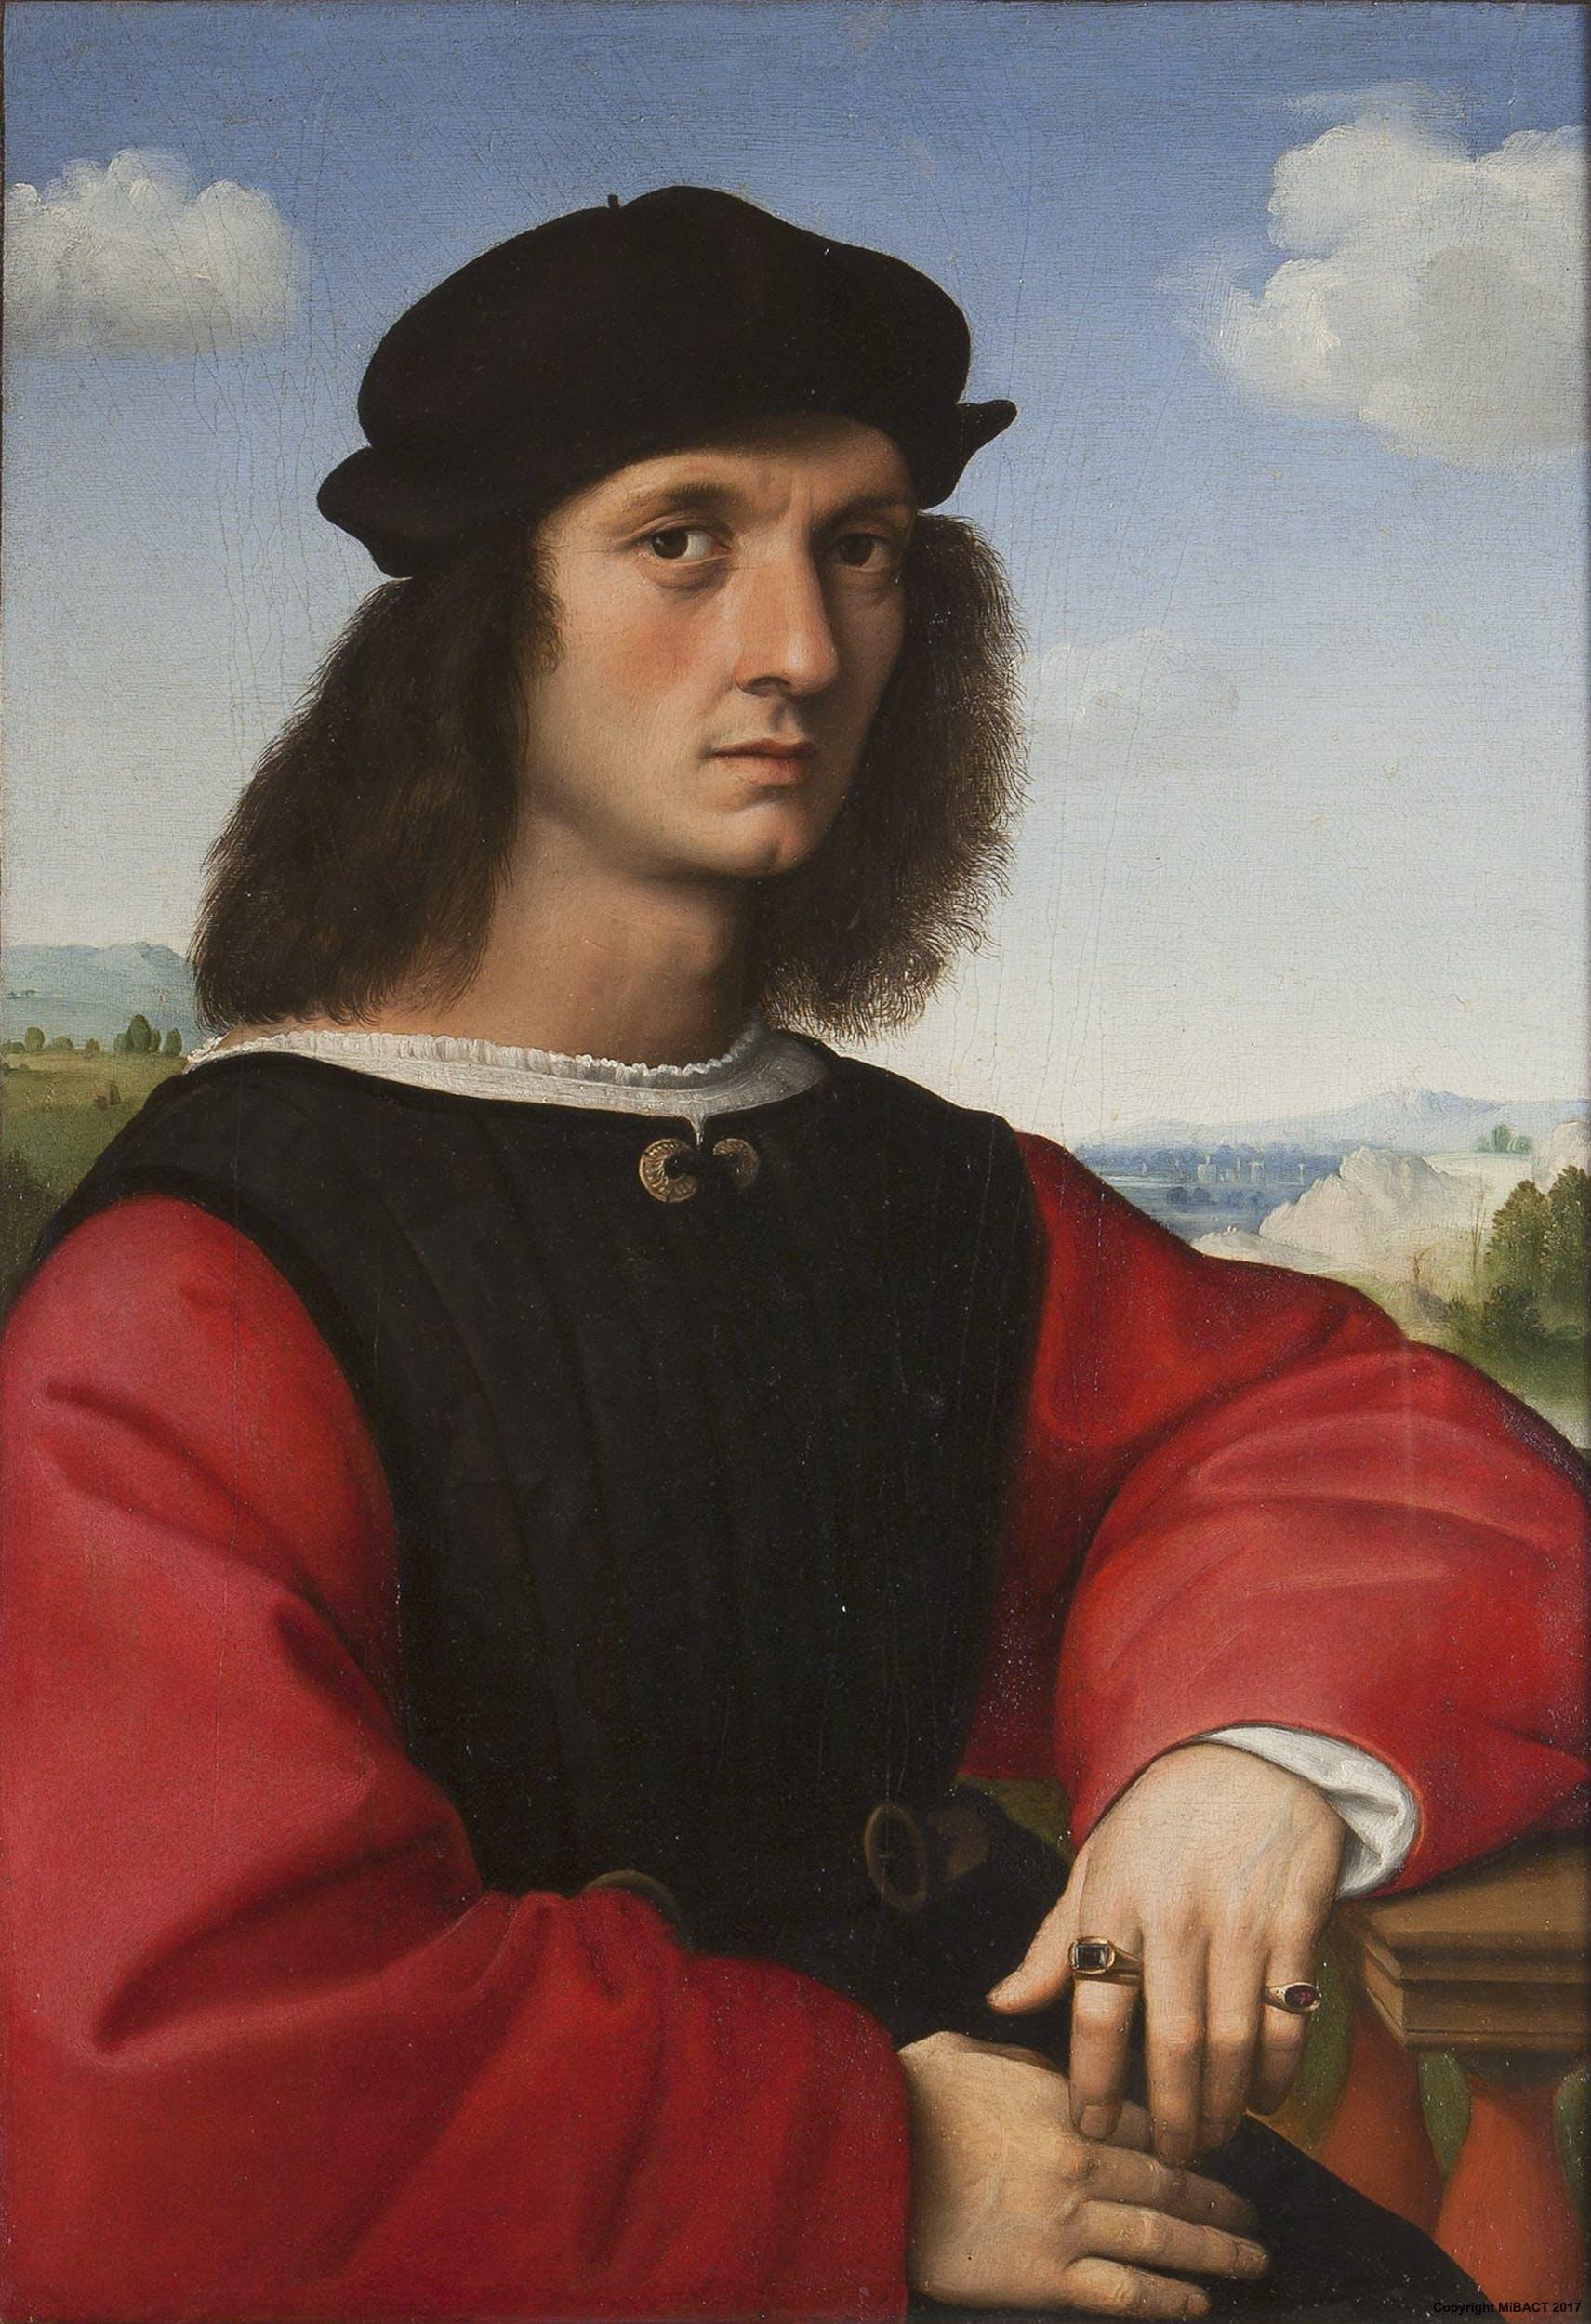 Raffaello, Ritratto di Agnolo Doni (1506 circa; olio su tavola, 65 x 45 cm; Firenze, Galleria degli Uffizi)